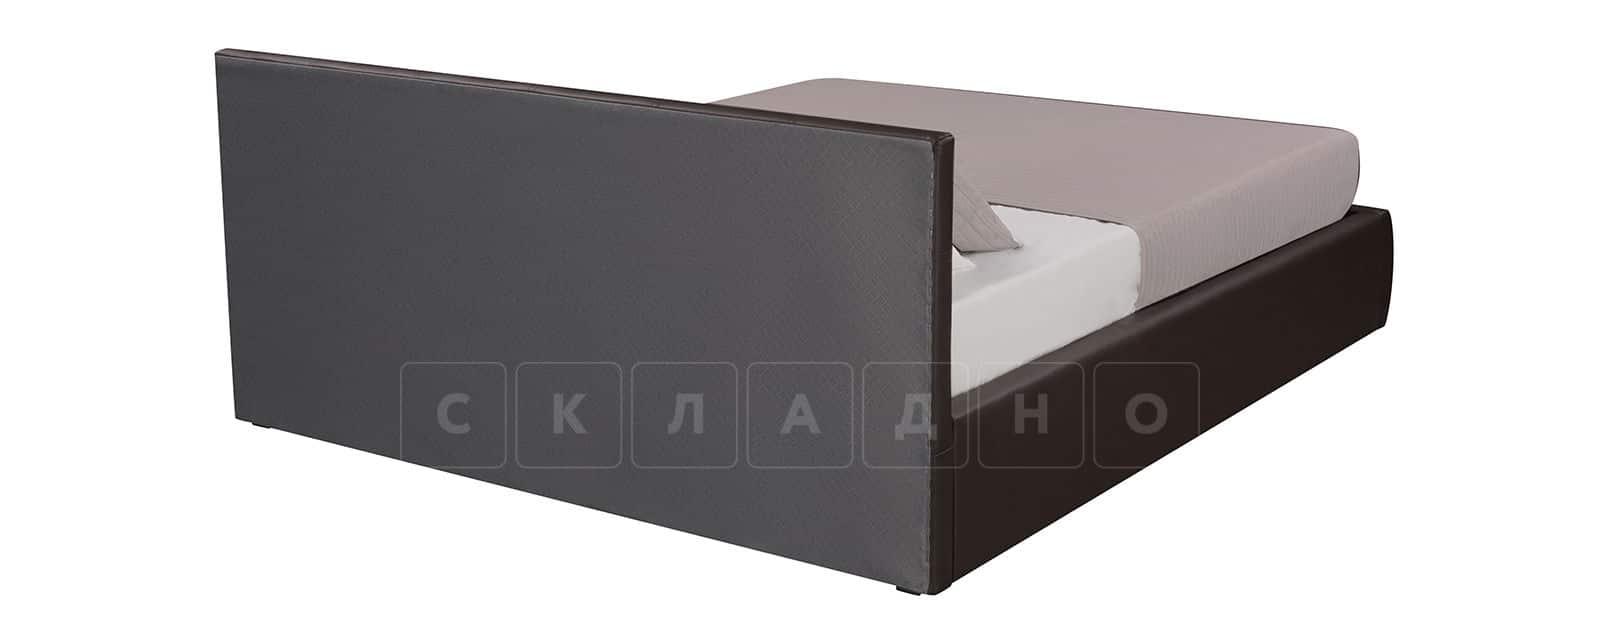 Мягкая кровать Афина 160см экокожа коричневого цвета фото 4   интернет-магазин Складно